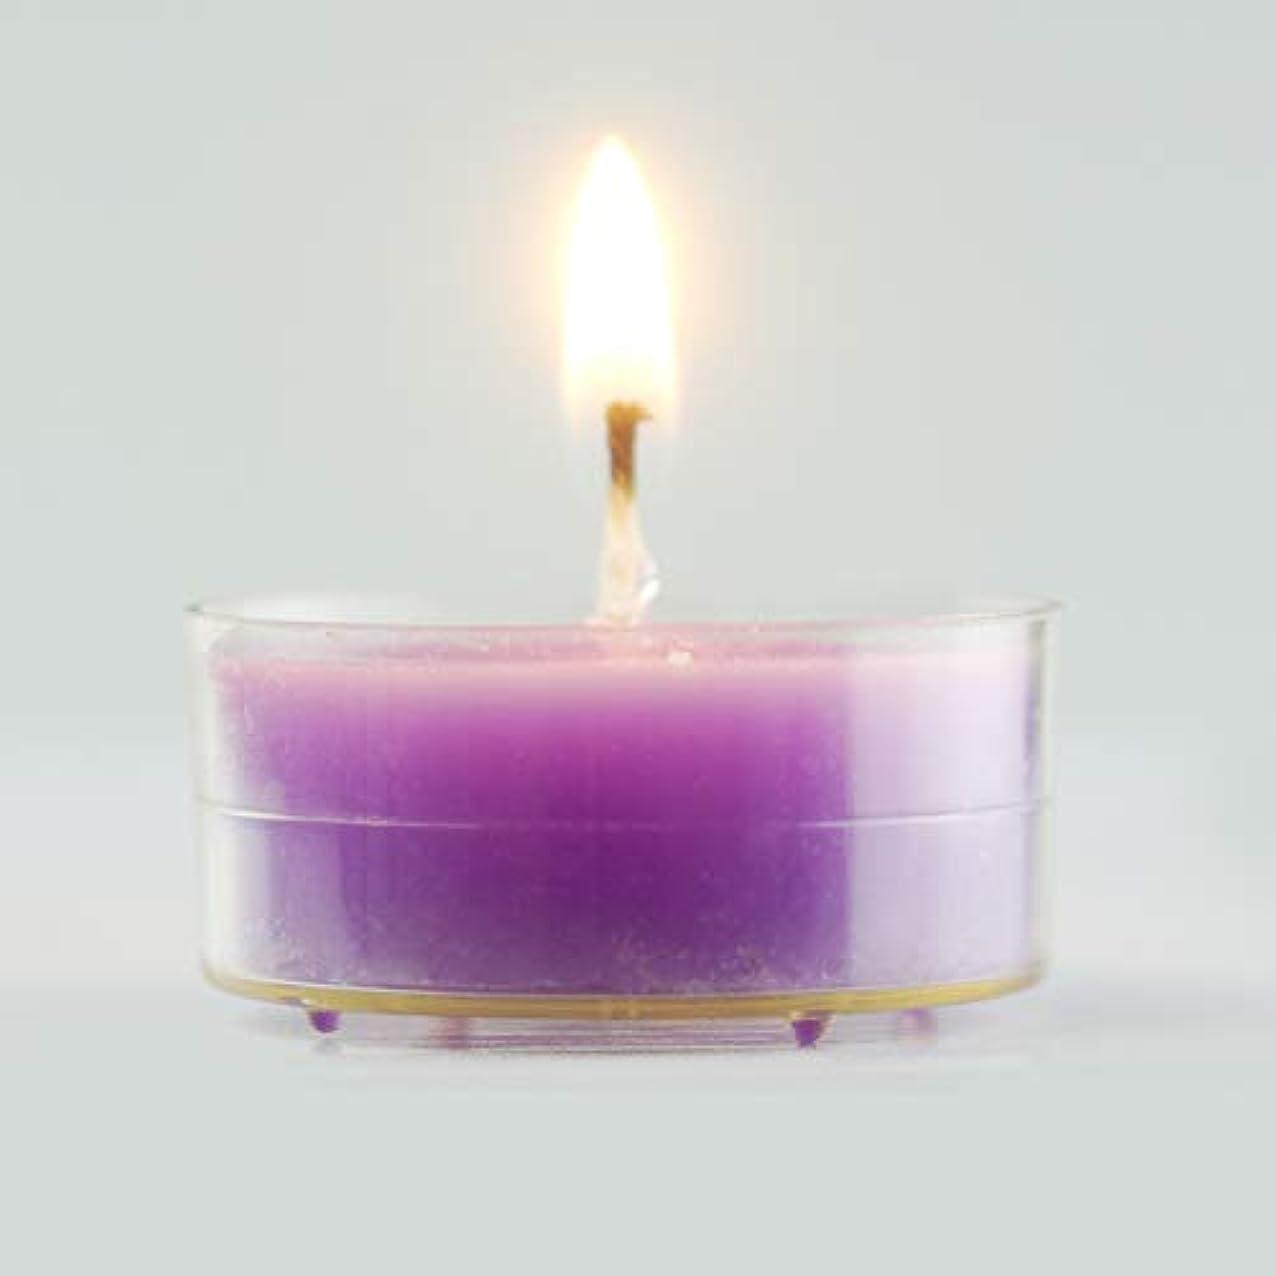 ちらつき居心地の良い不十分な環境に優しいキャンドル きれいな無煙大豆ワックス色味茶ワックス48ピース4時間燃える時間白いキャンドルライト用家の装飾、クリスマス休暇、結婚披露宴の装飾 実用的な無煙キャンドル (Color : Purple)